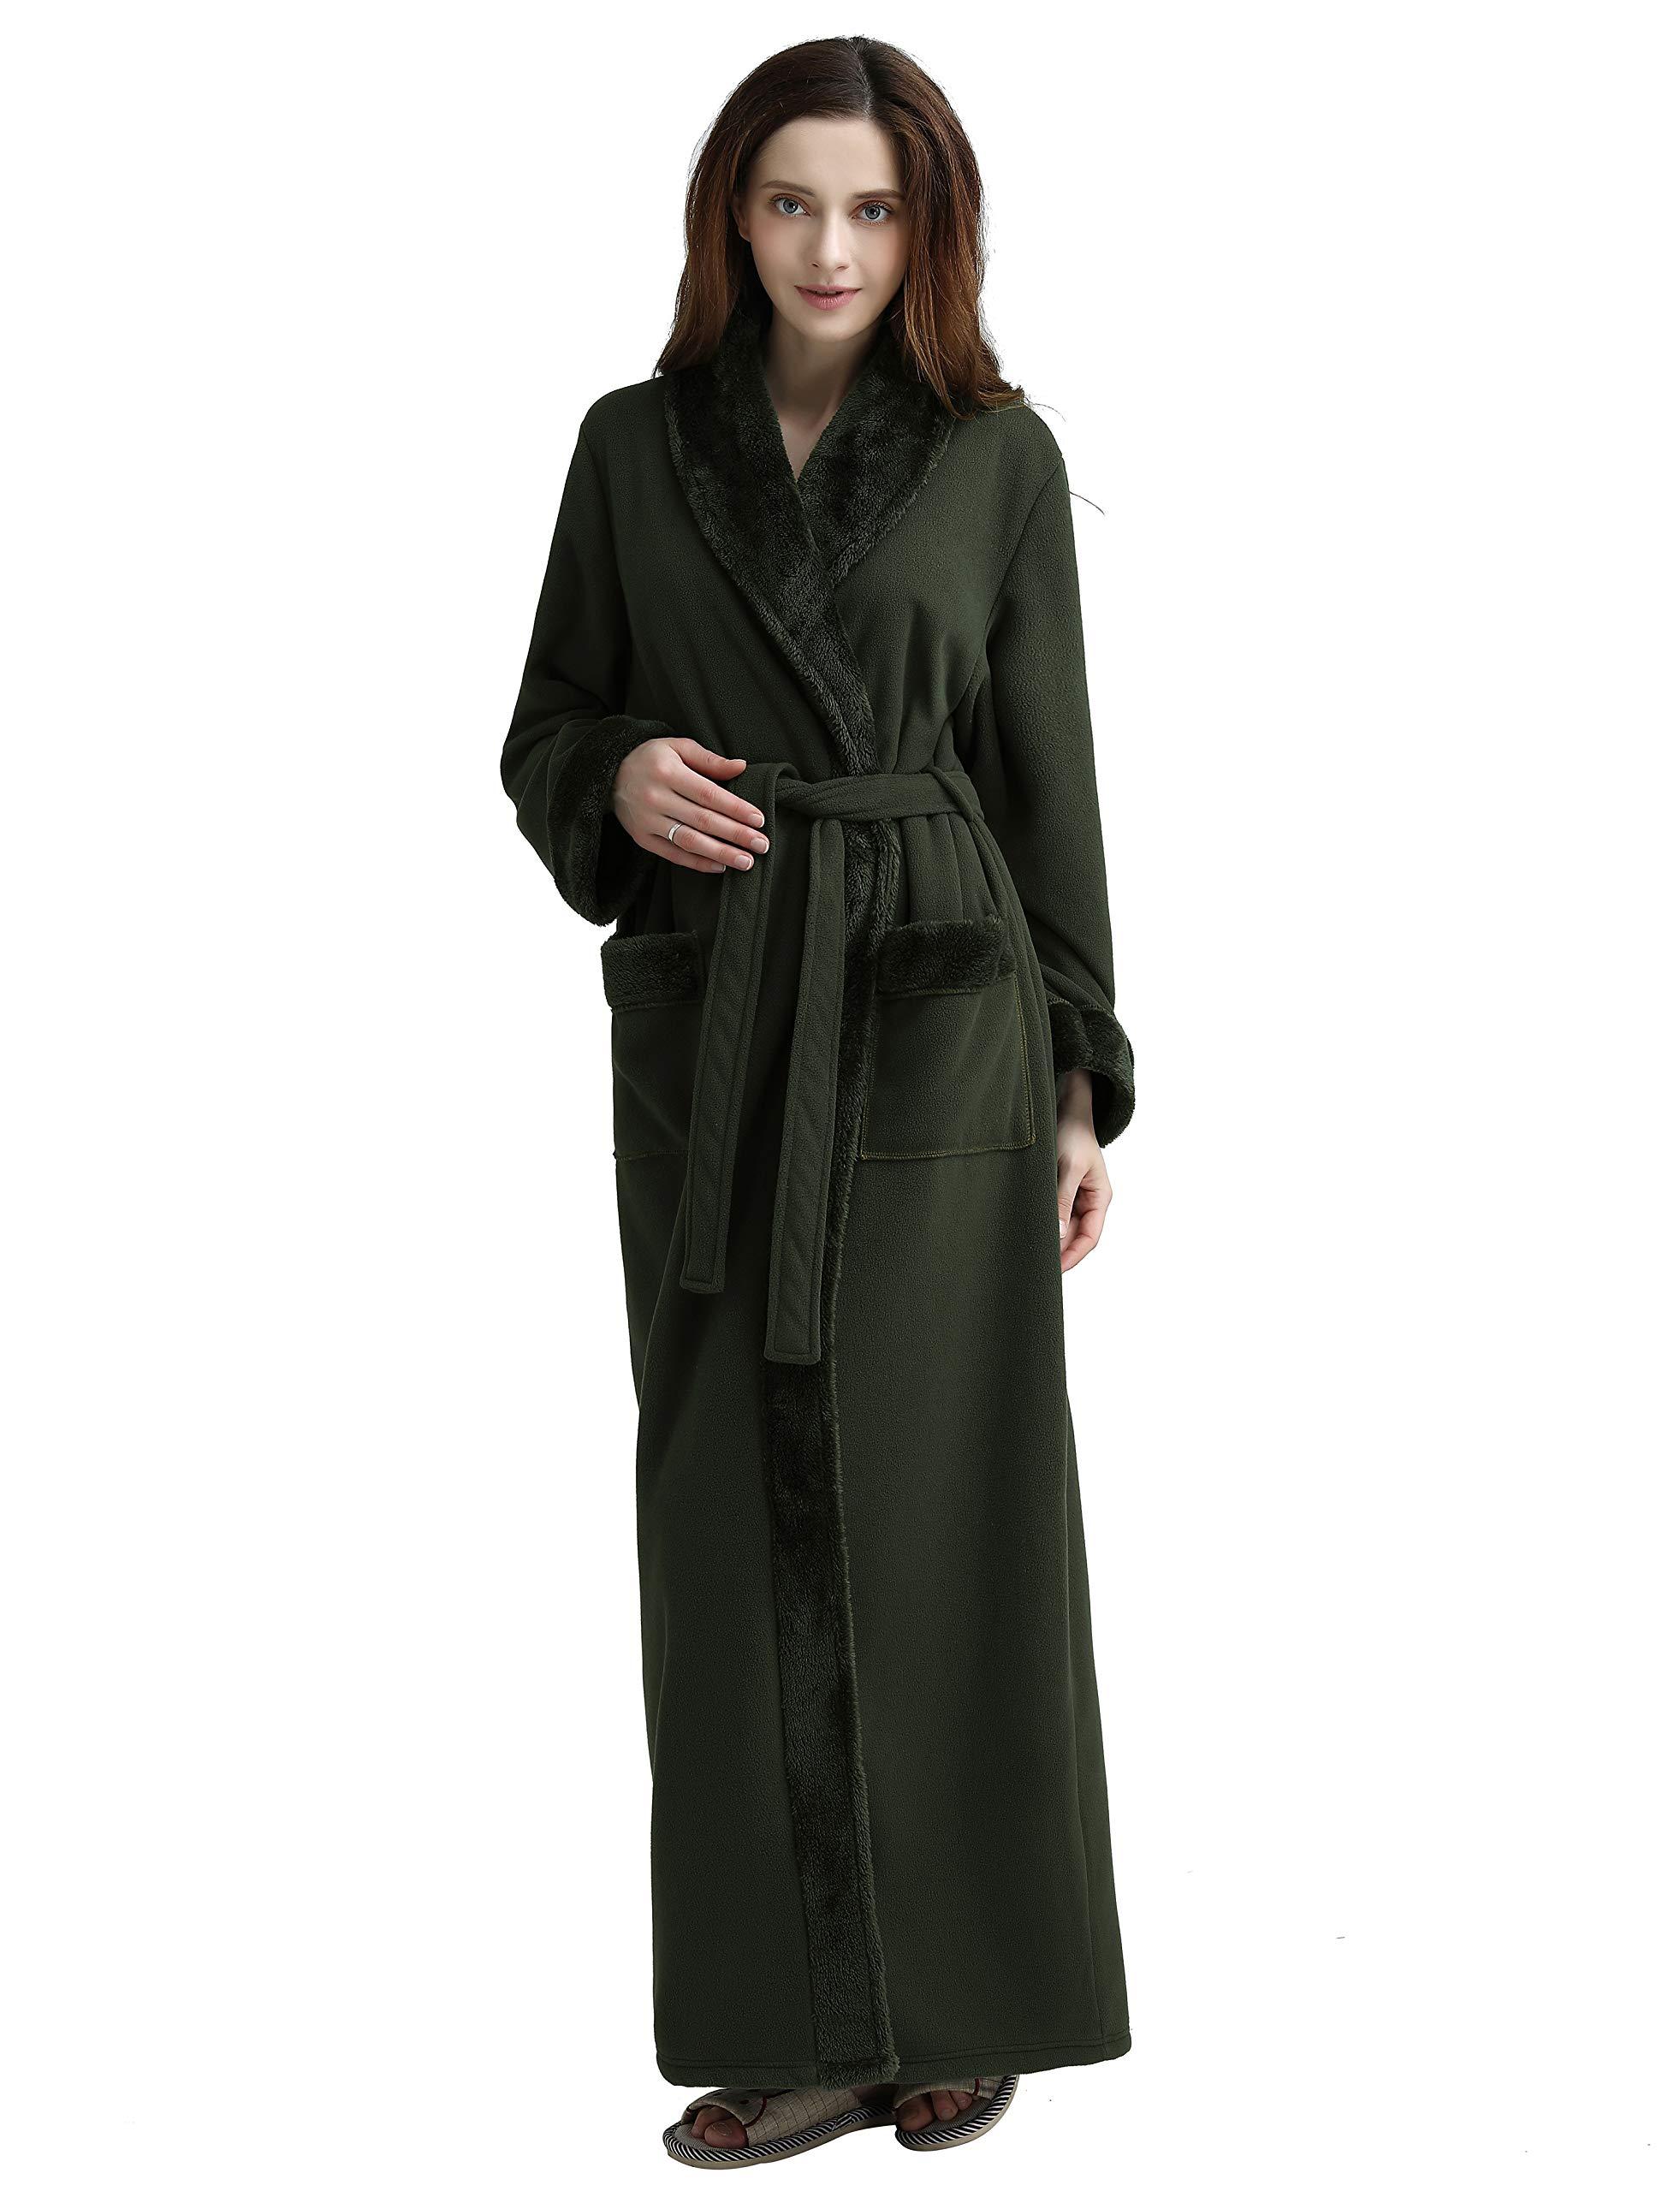 SEEU Fleece Robes for Women, Winter Warm Bathrobe Green XL